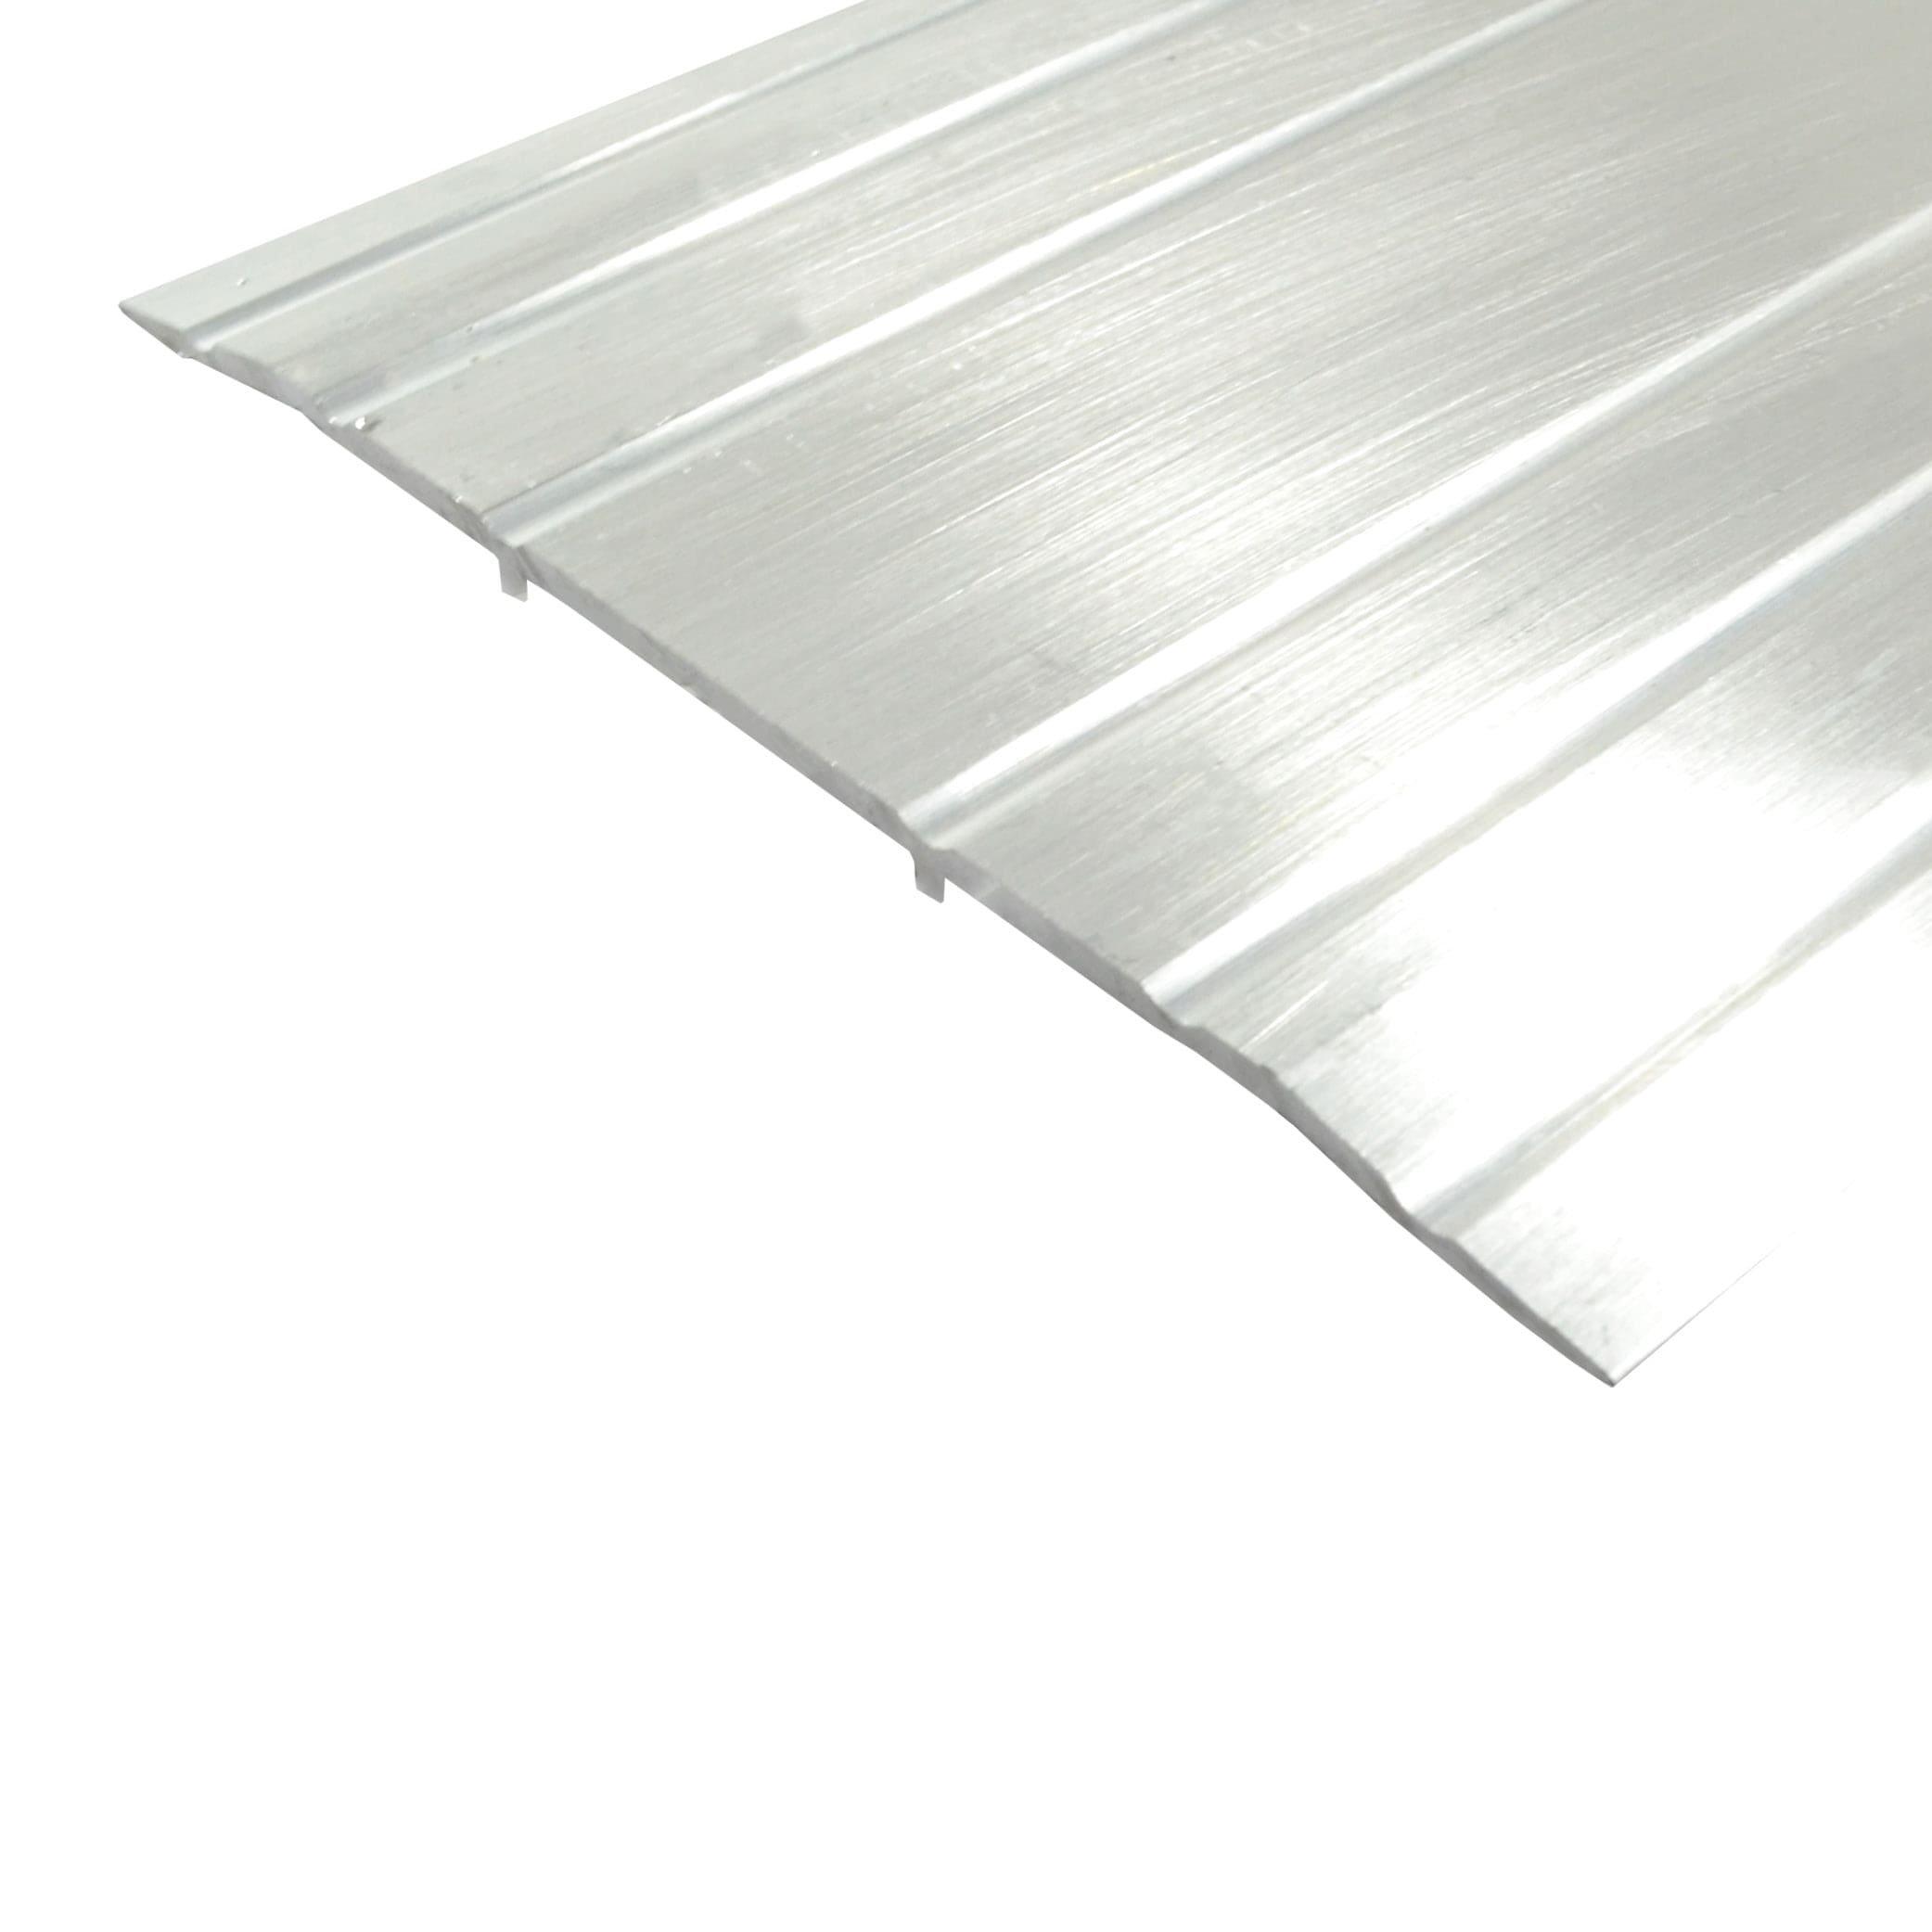 Aluminum Door Threshold / Saddle 3745 (72'' x 1/4'' x 7'')